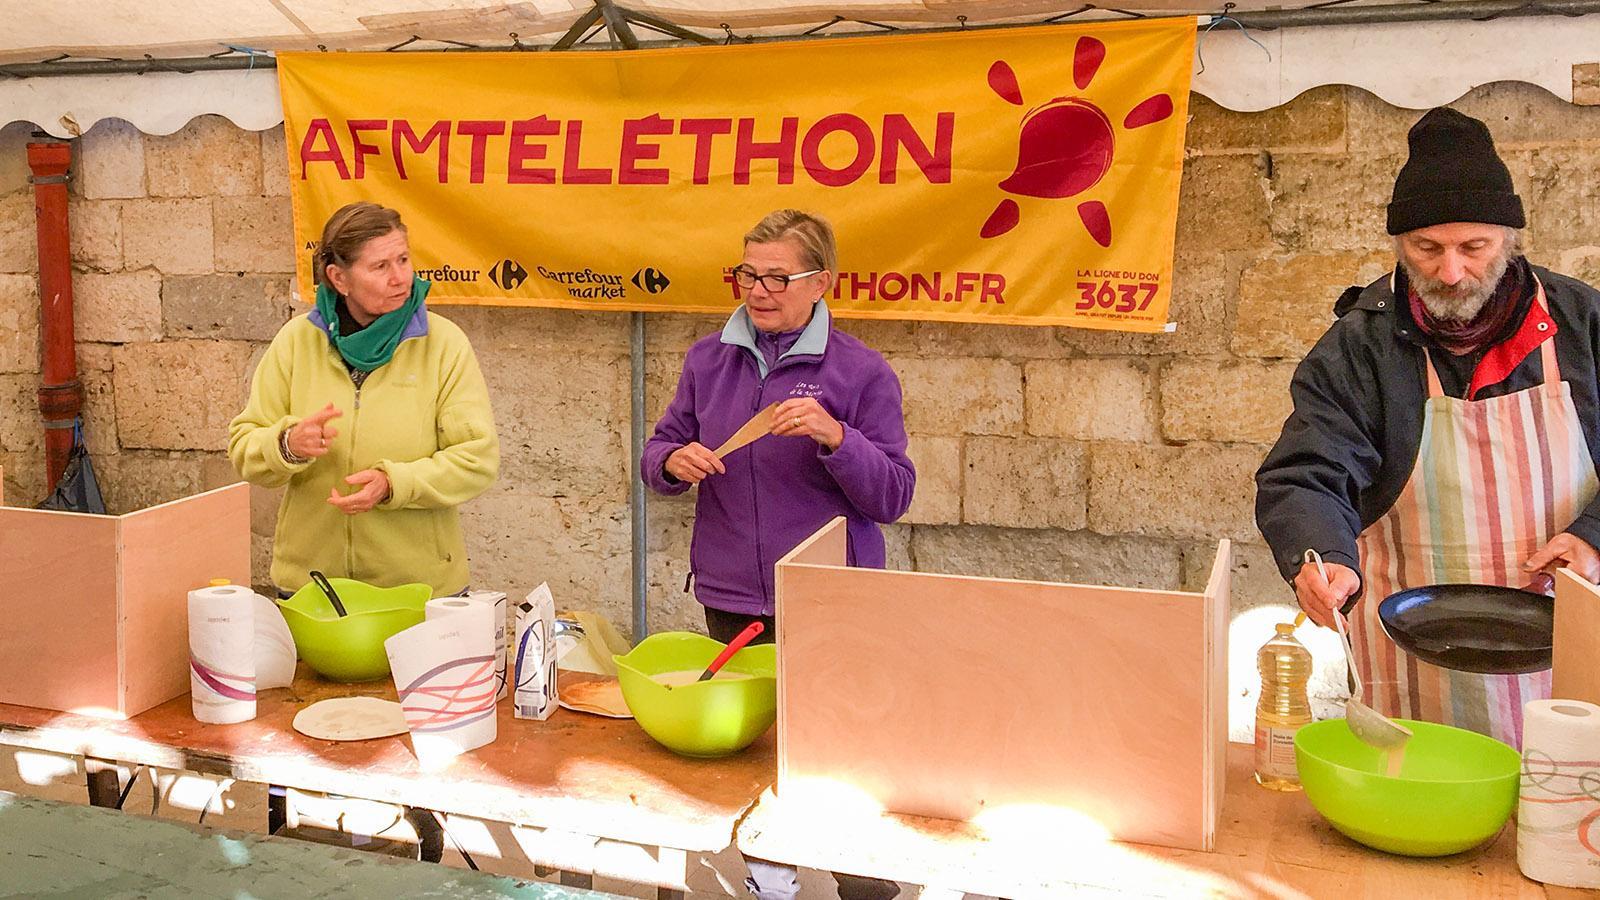 Solidarität: Crêpes-Backen für einen guten Zweck: Téléthon in Condom (Gers). Foto: Hilke Maunder